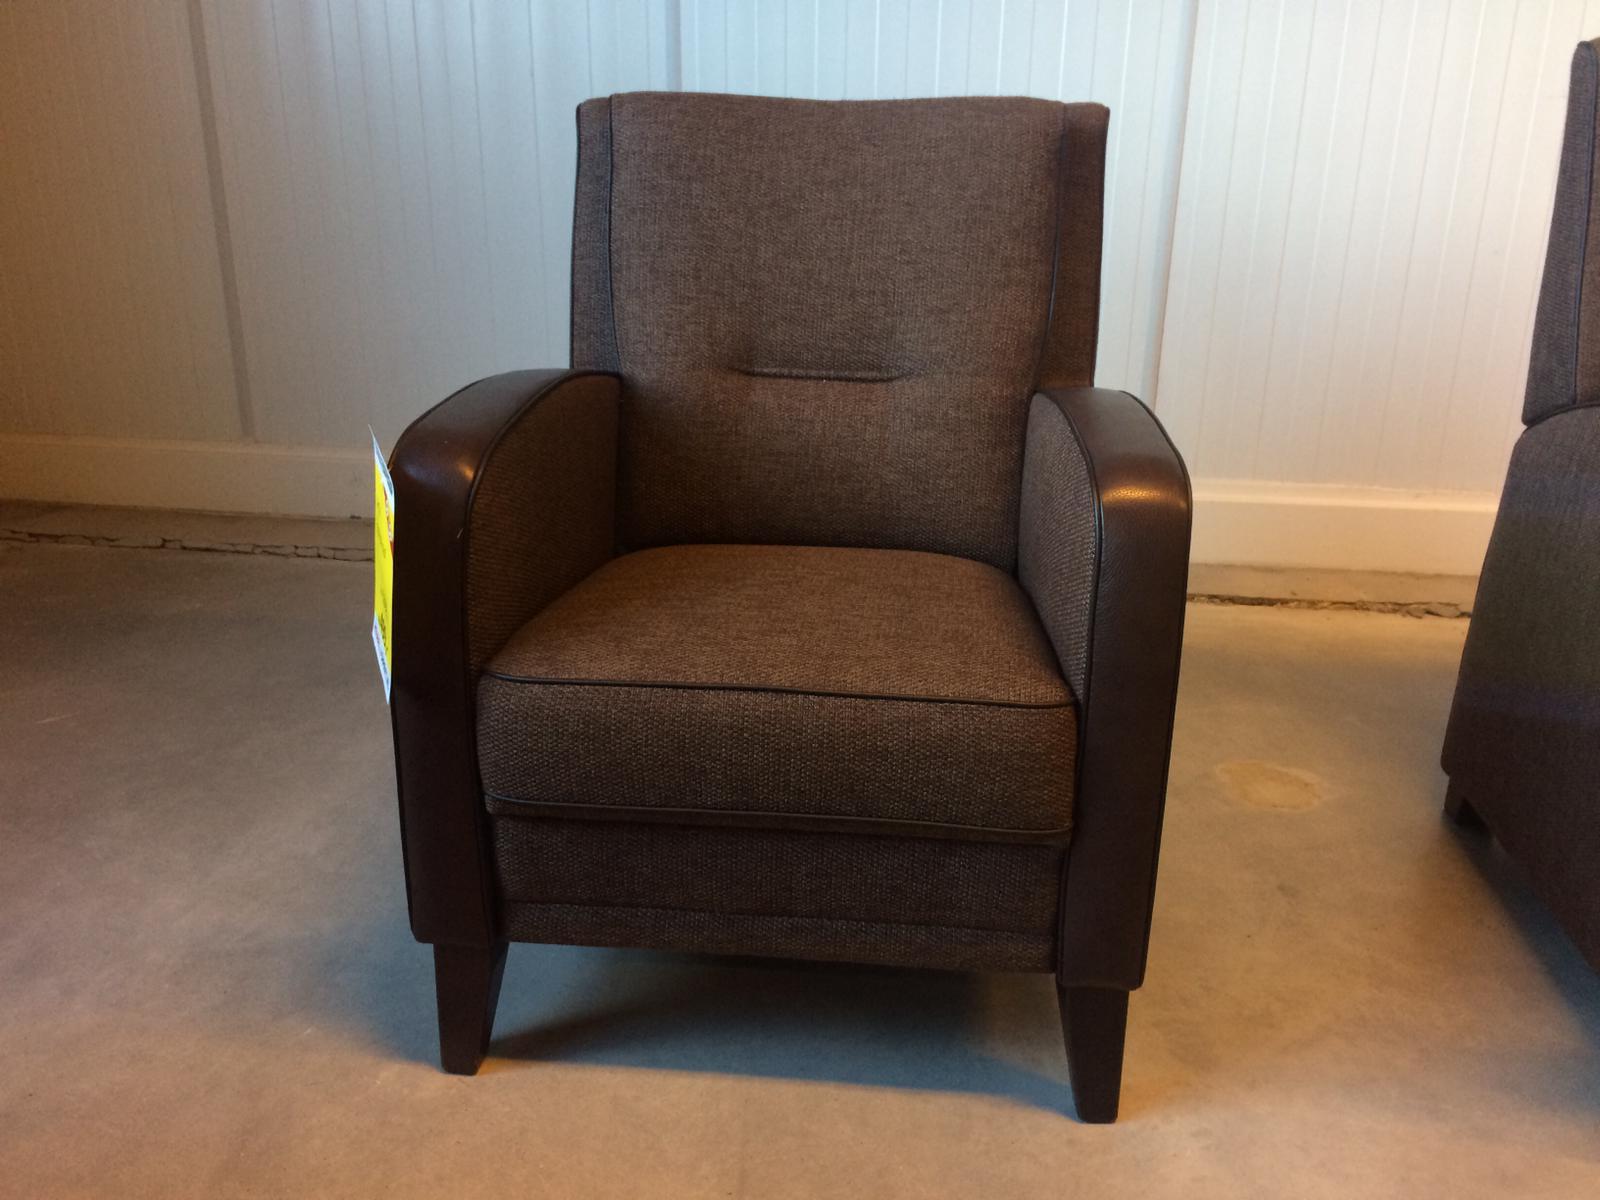 Arta fauteuil stof